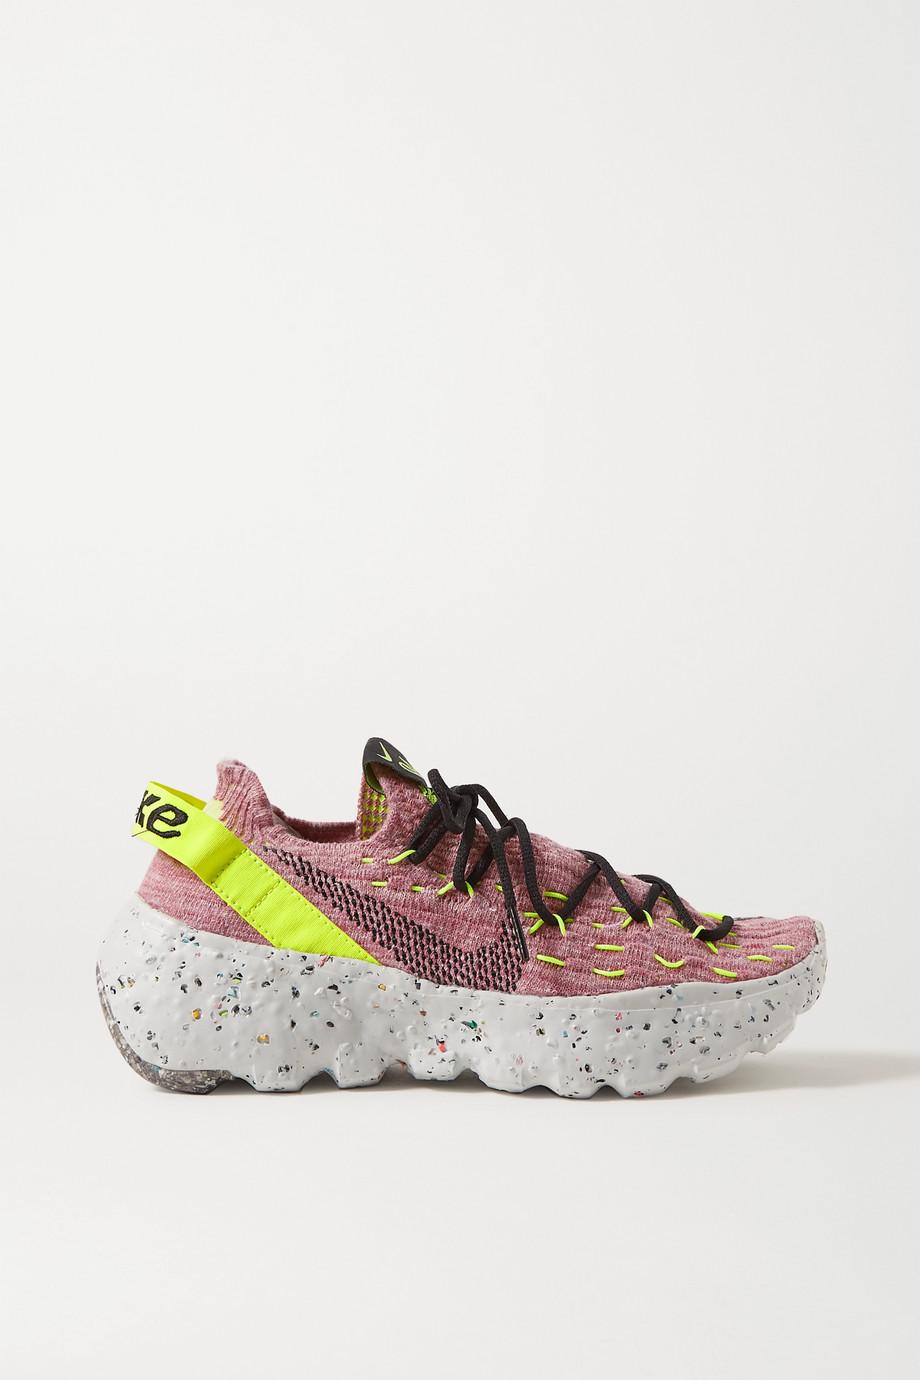 Nike Space Hippie 04 Space Waste Flyknit sneakers